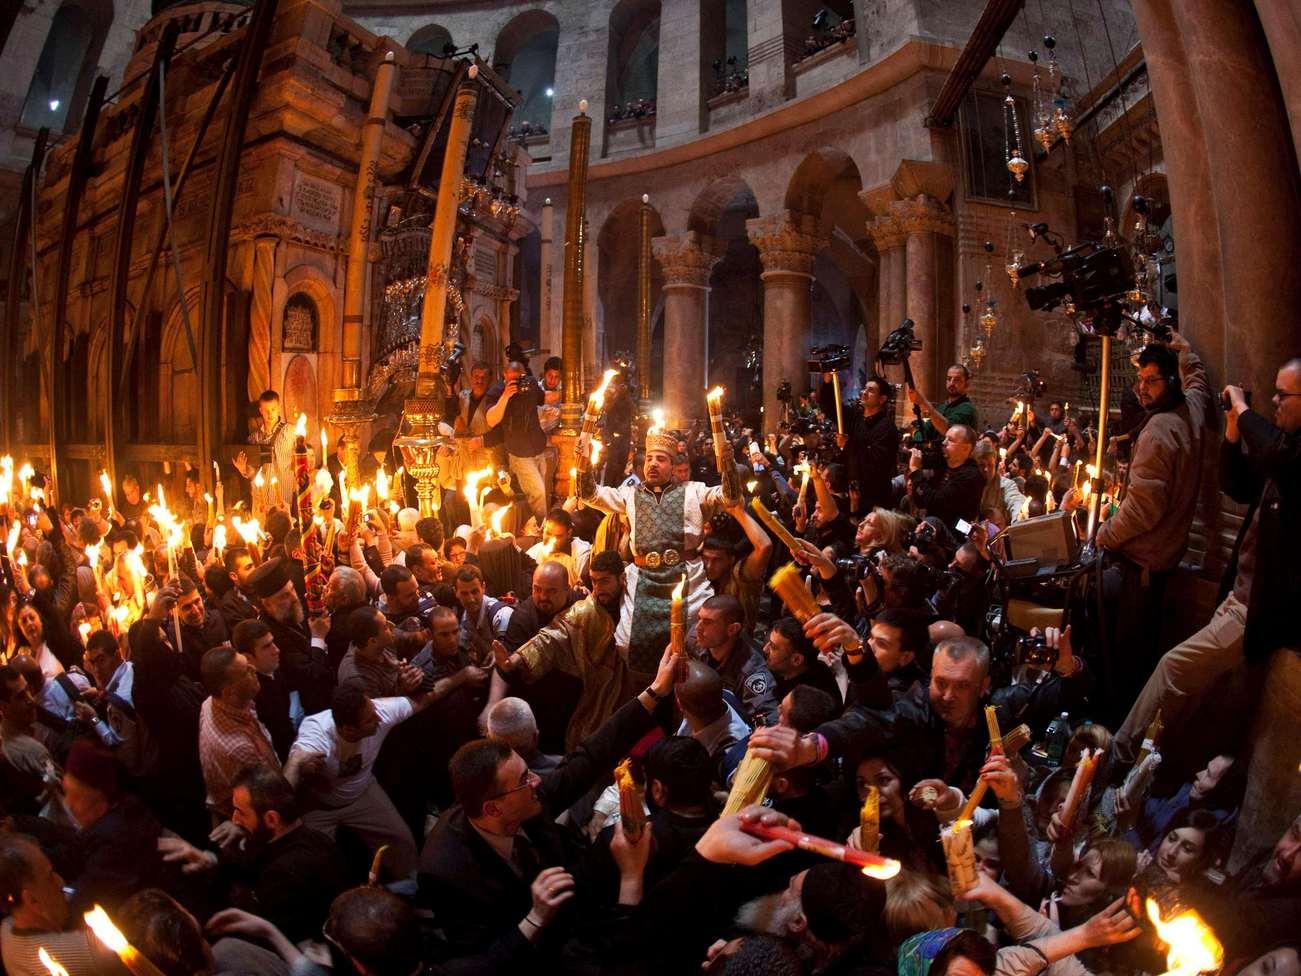 иерусалим фото колонны святого огня сегодняшний день